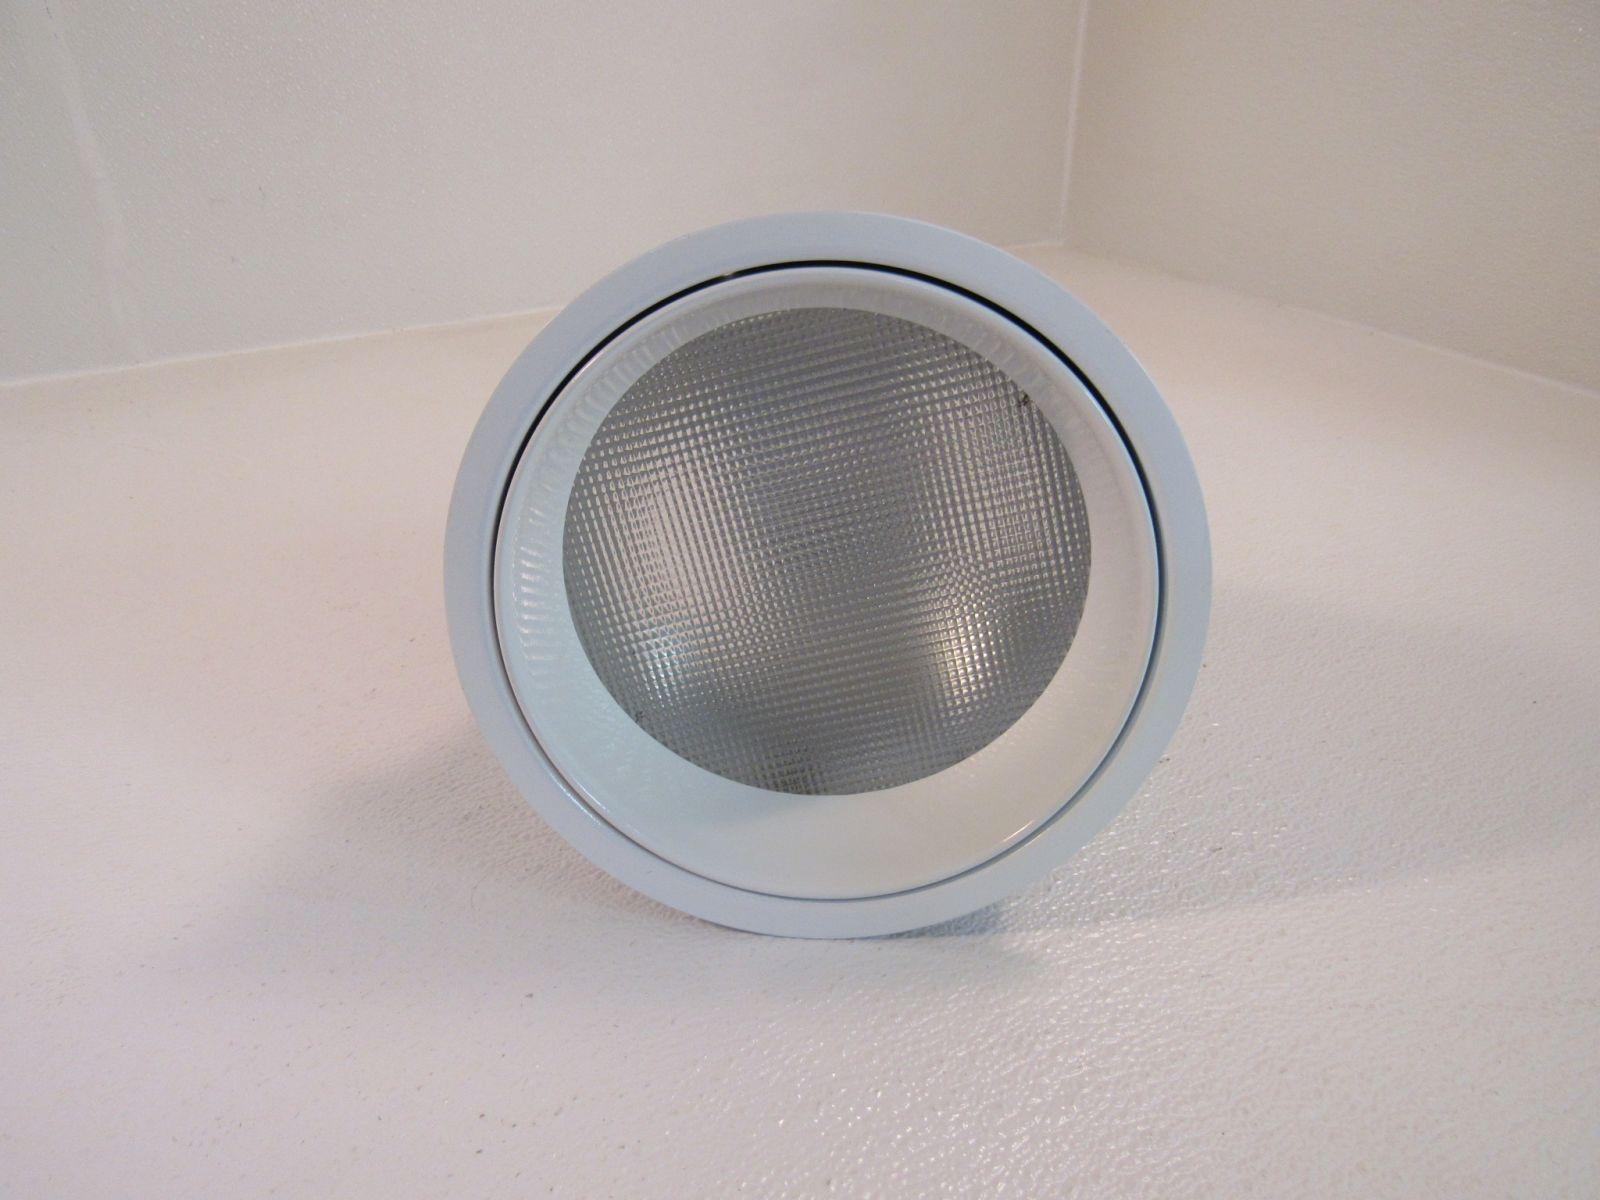 Lithonia Regressed Splay Tempered Prismatic Lens White LGF 2 7RW T73 Trim 944208